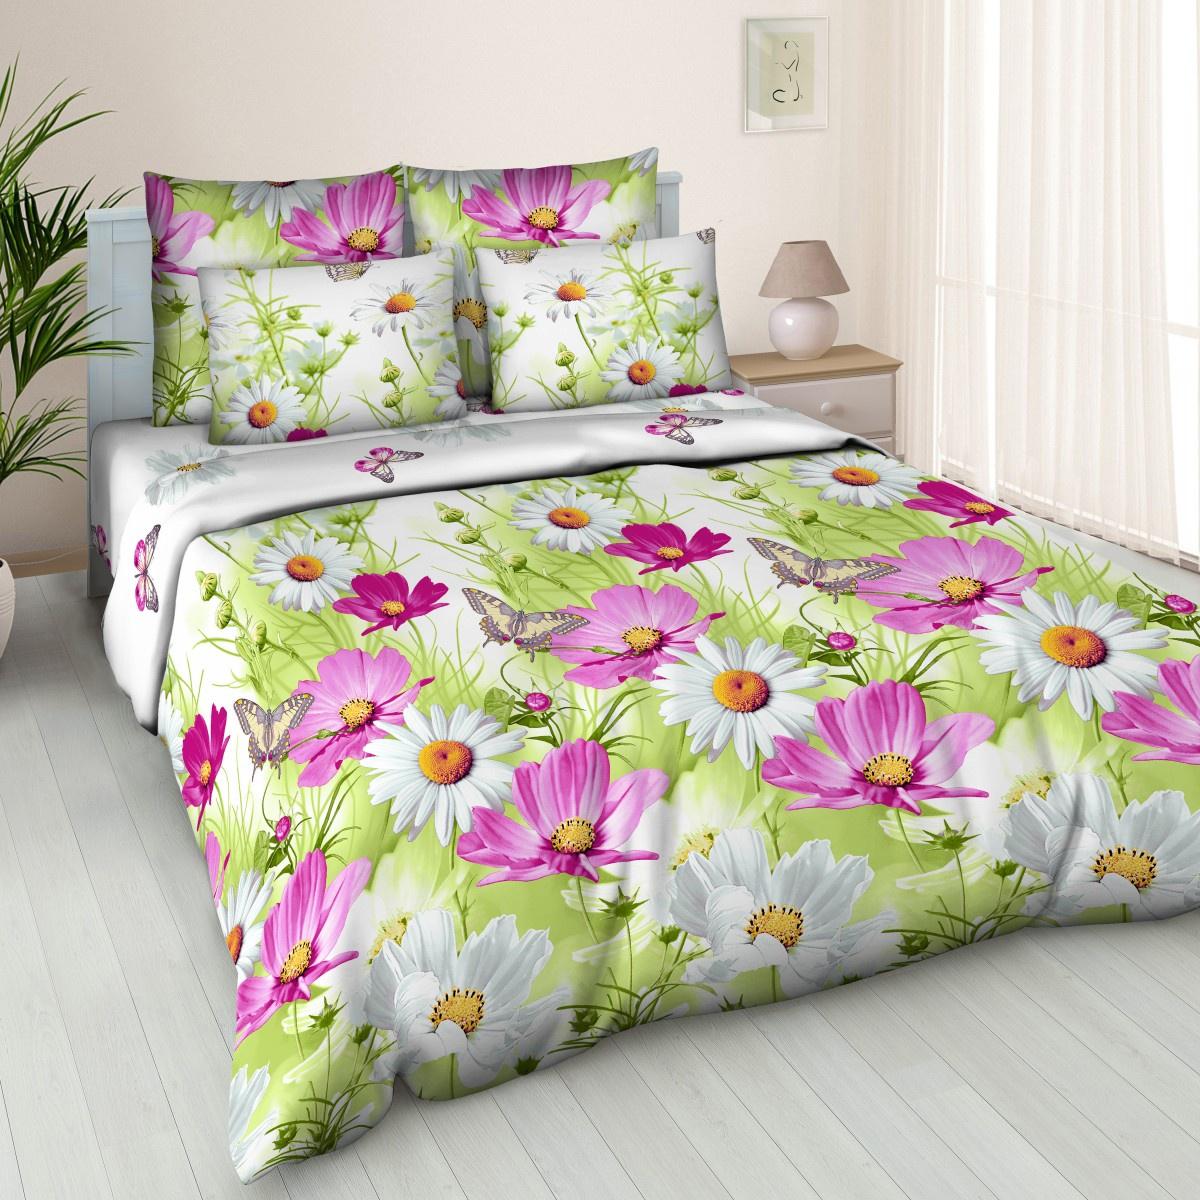 Комплект постельного белья BUTTERFLY Поплин (ПК4) рис.4563/1, 2-спальный с европростыней